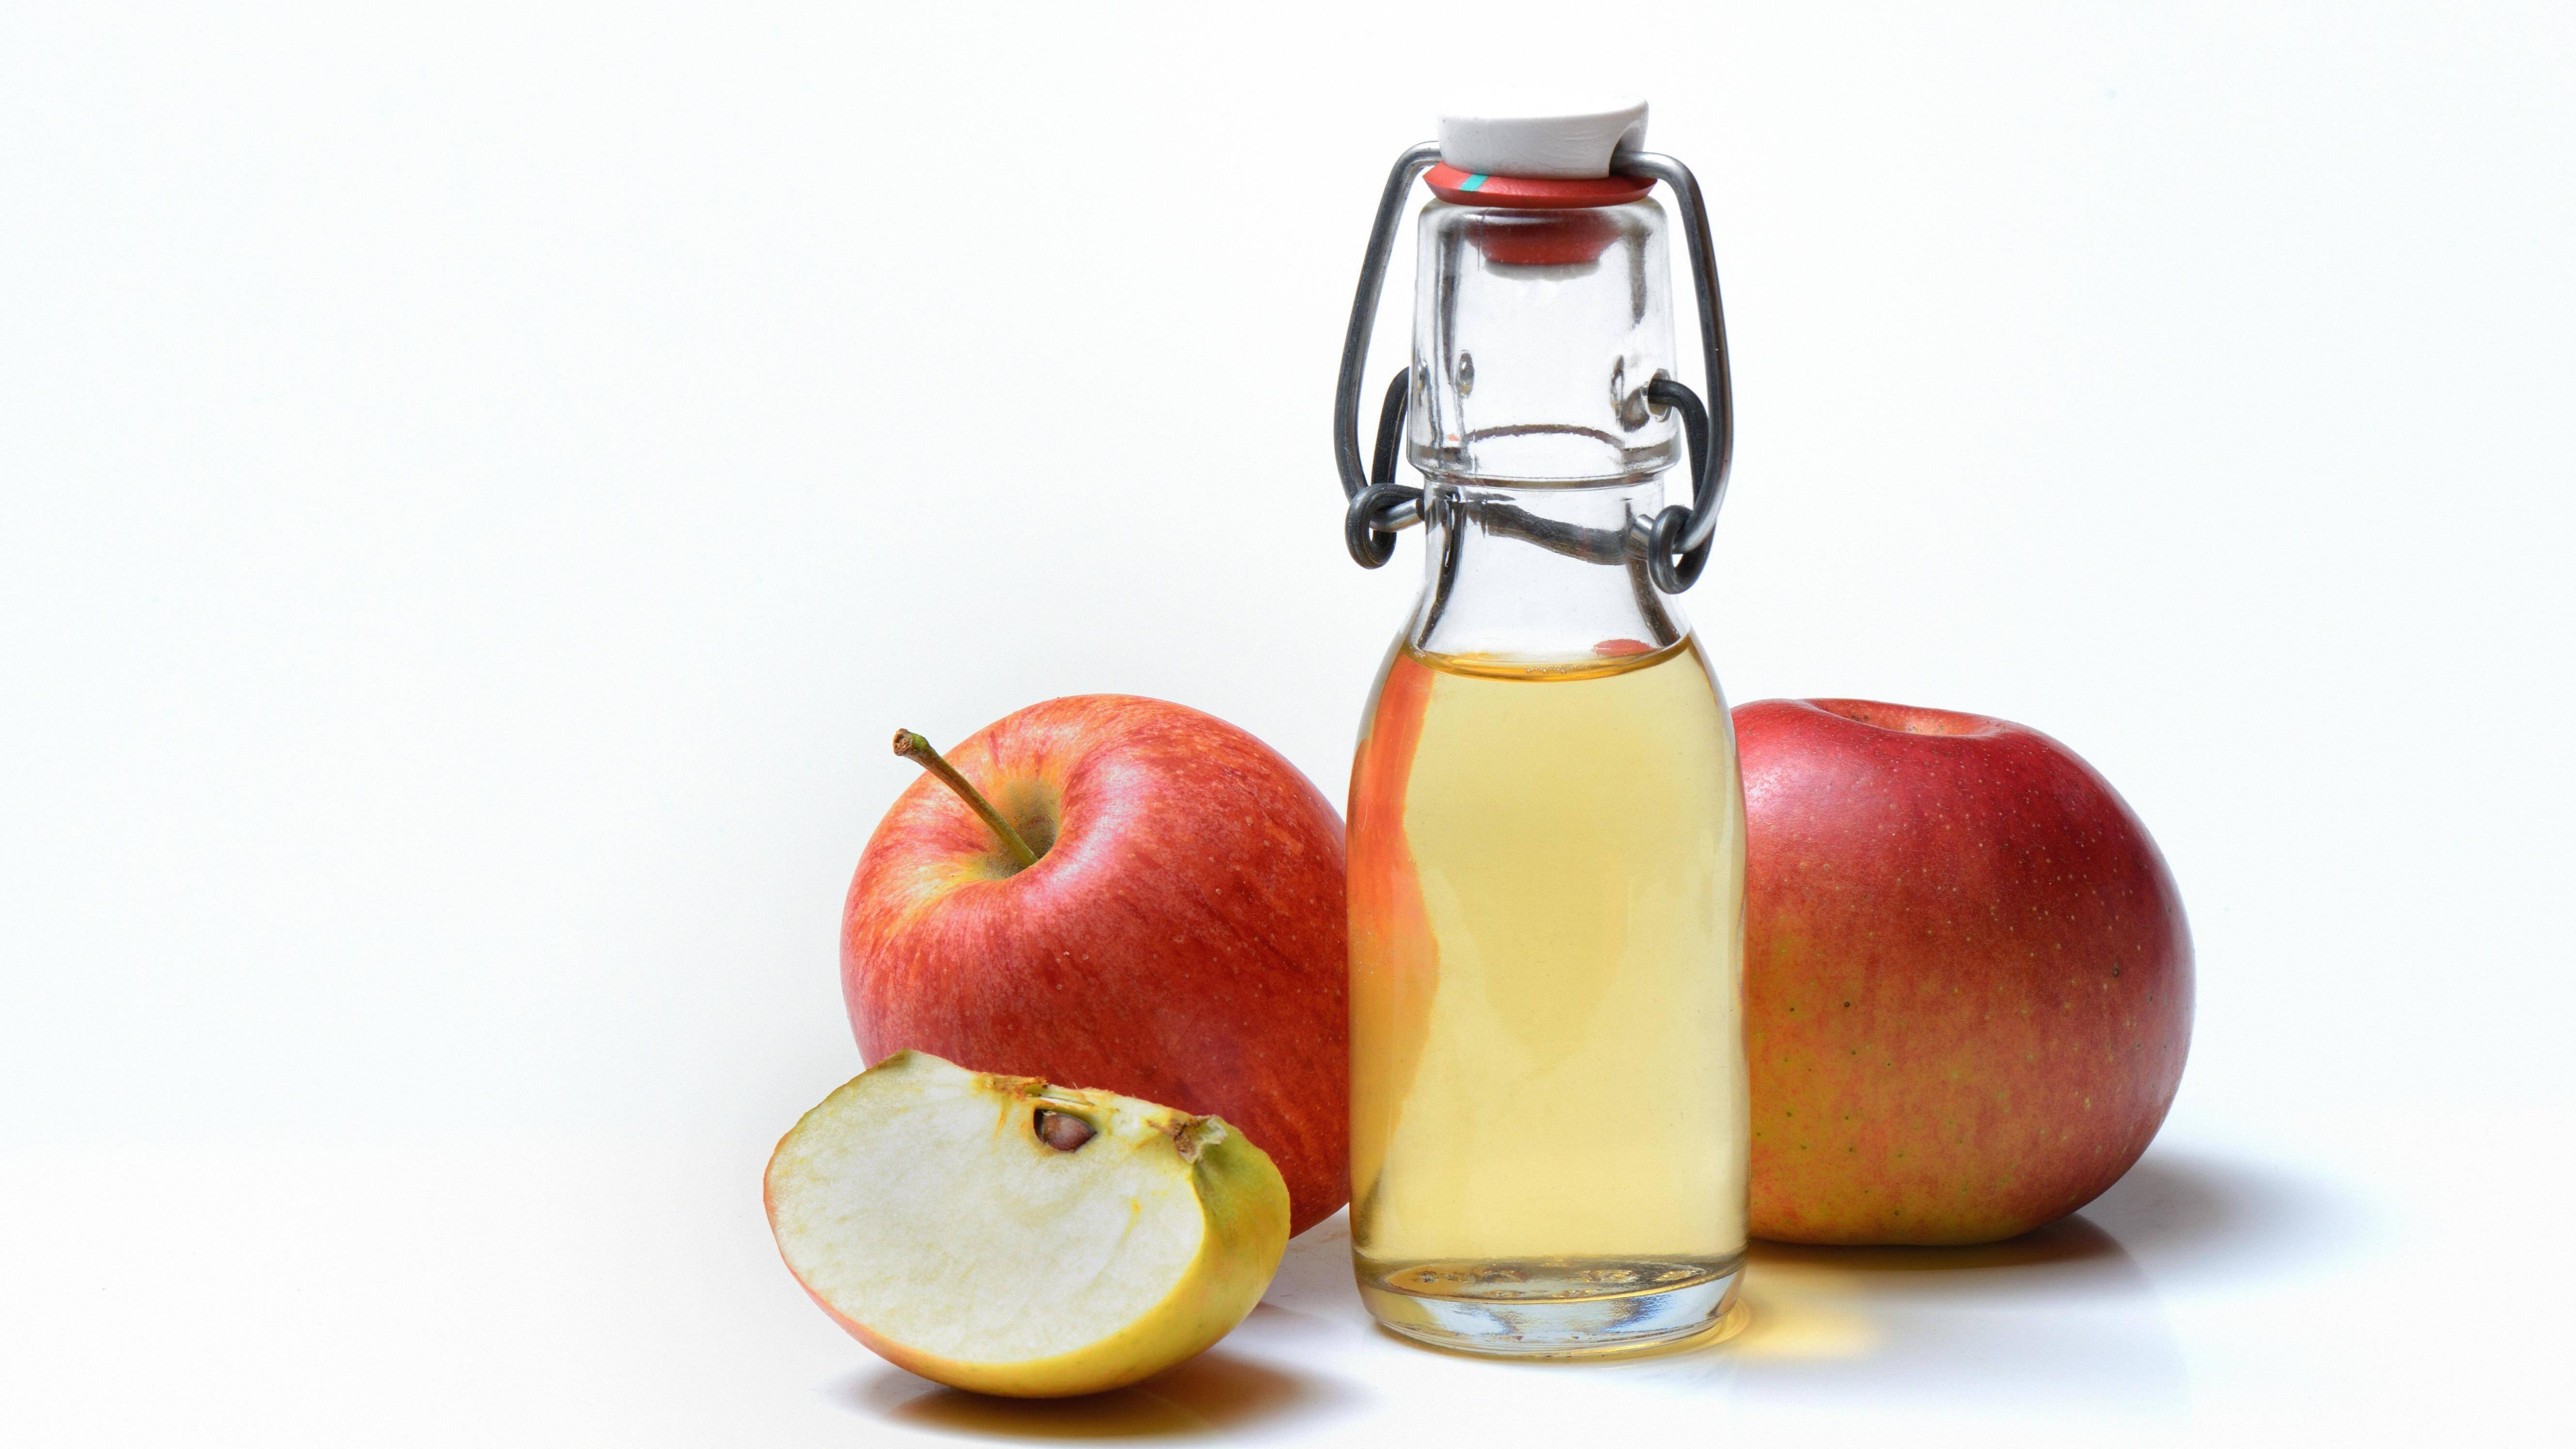 Essig ist gesund für den Körper und wirkt unter anderem entzündungshemmend und antibakteriell.